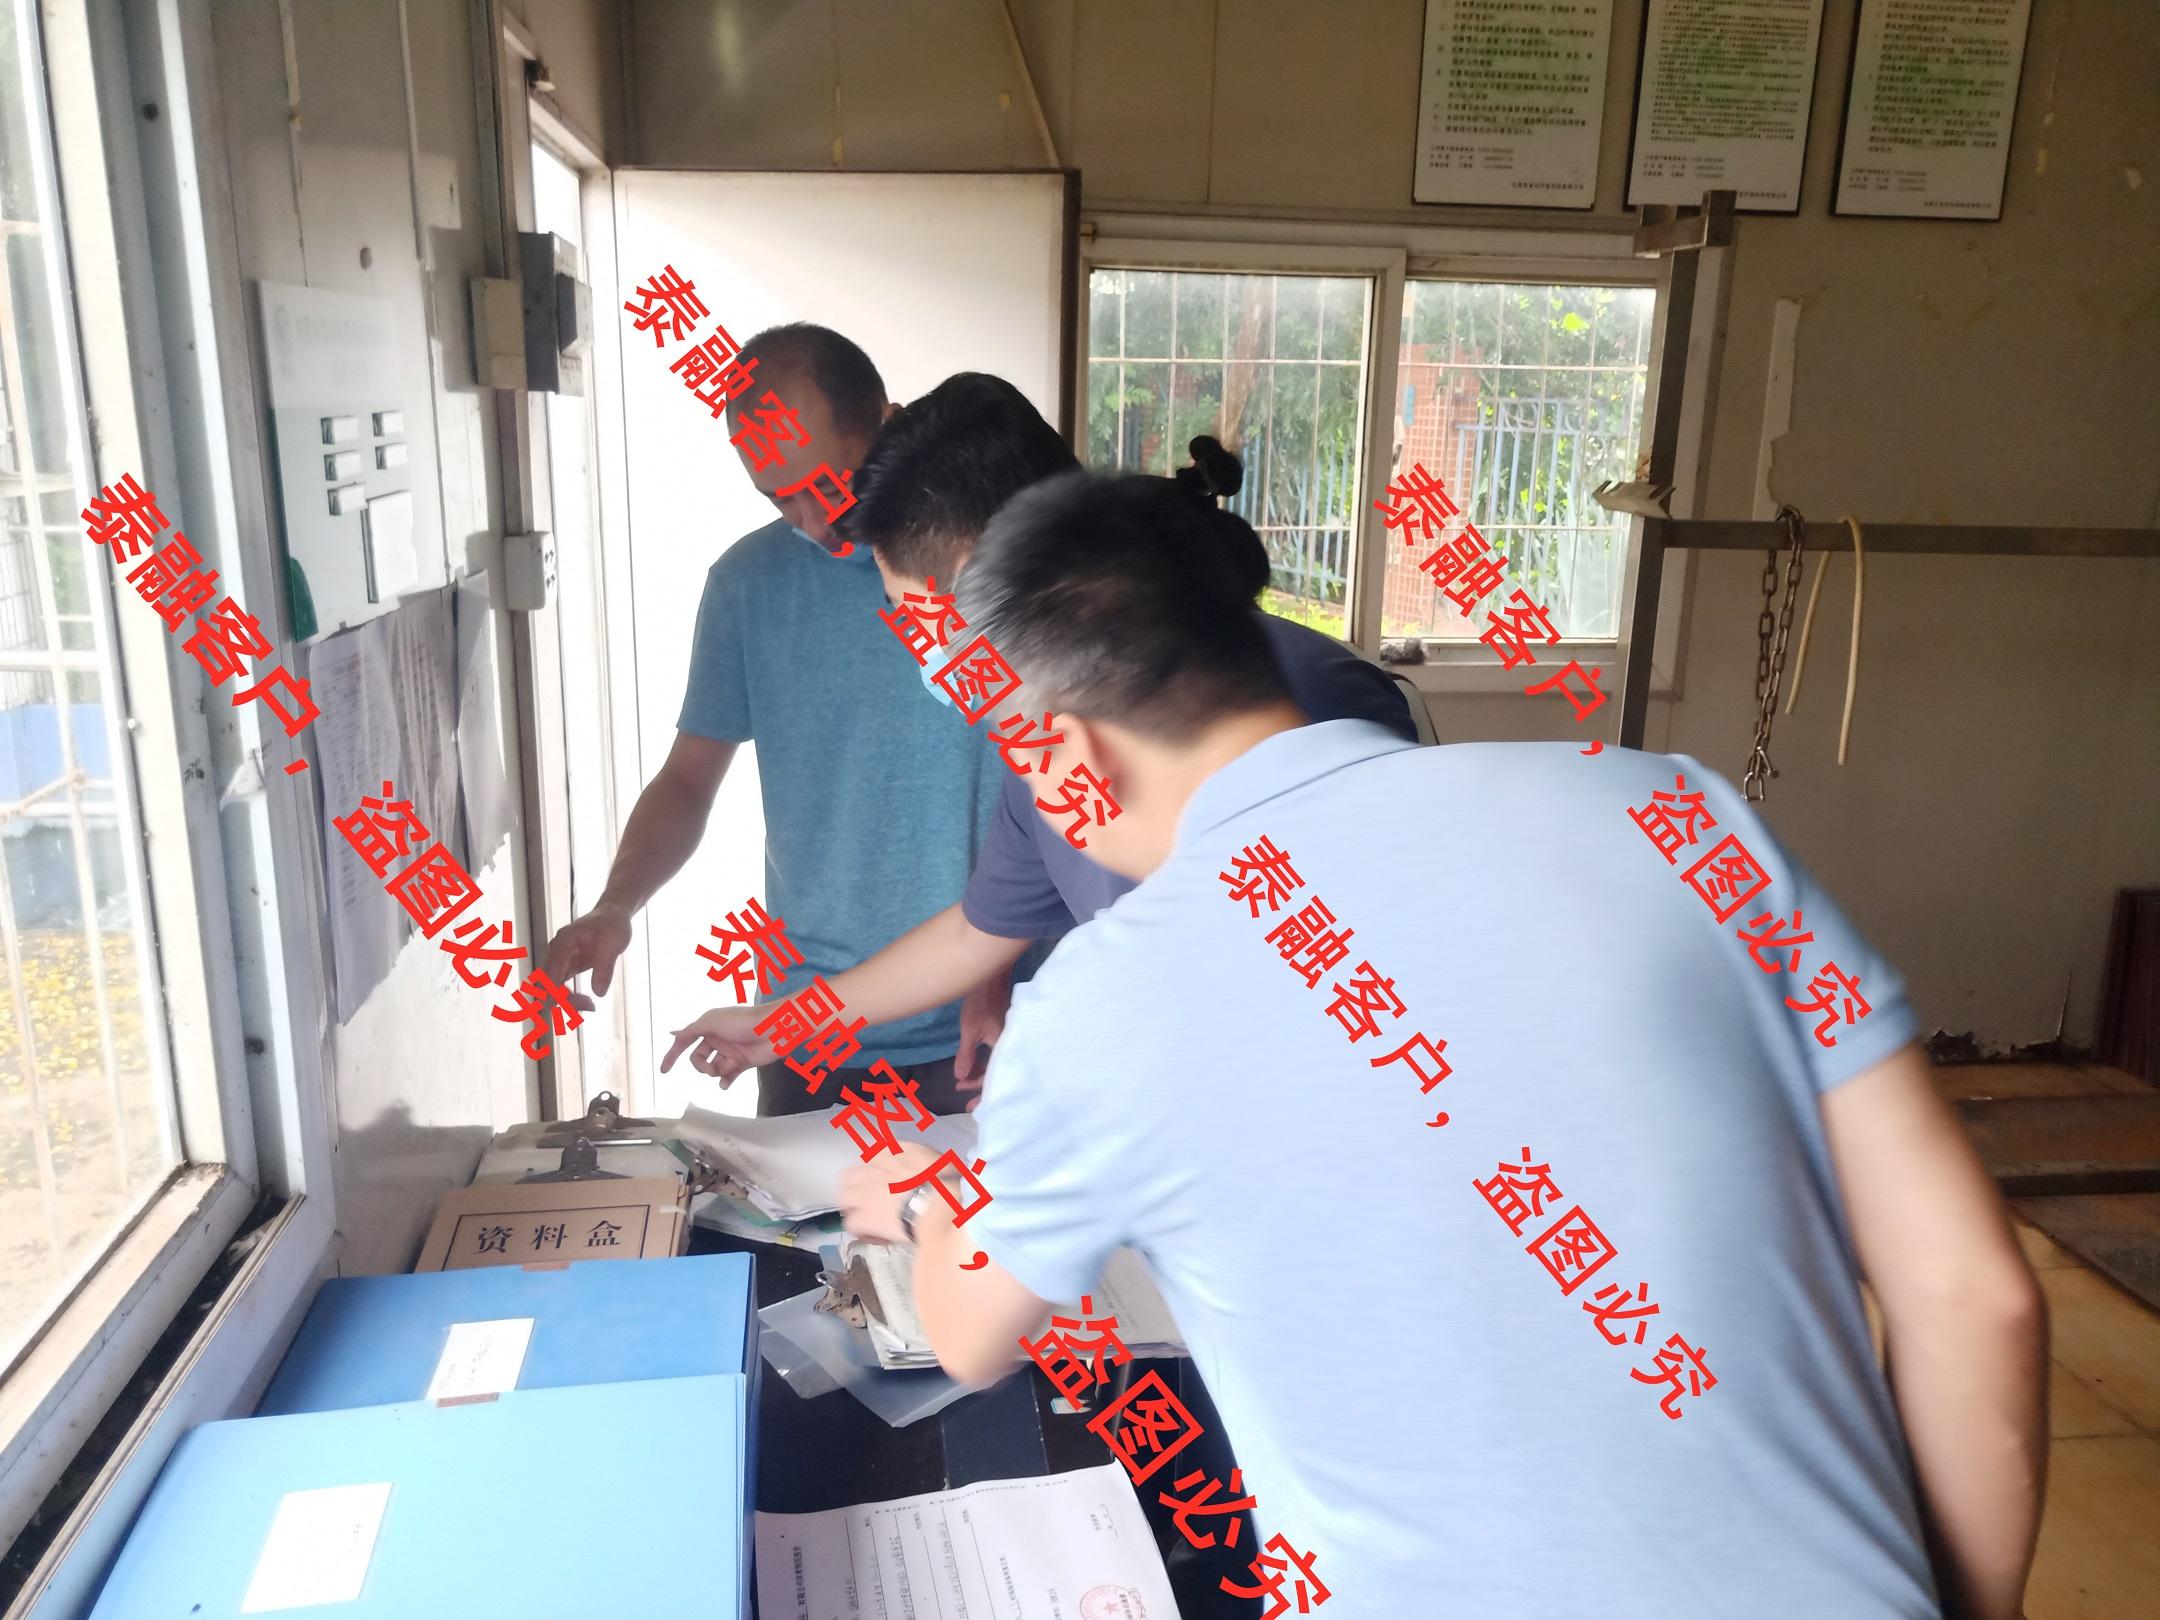 深圳市ces认证(中国环境服务认证)水污染源在线监测系统运营服务认证。